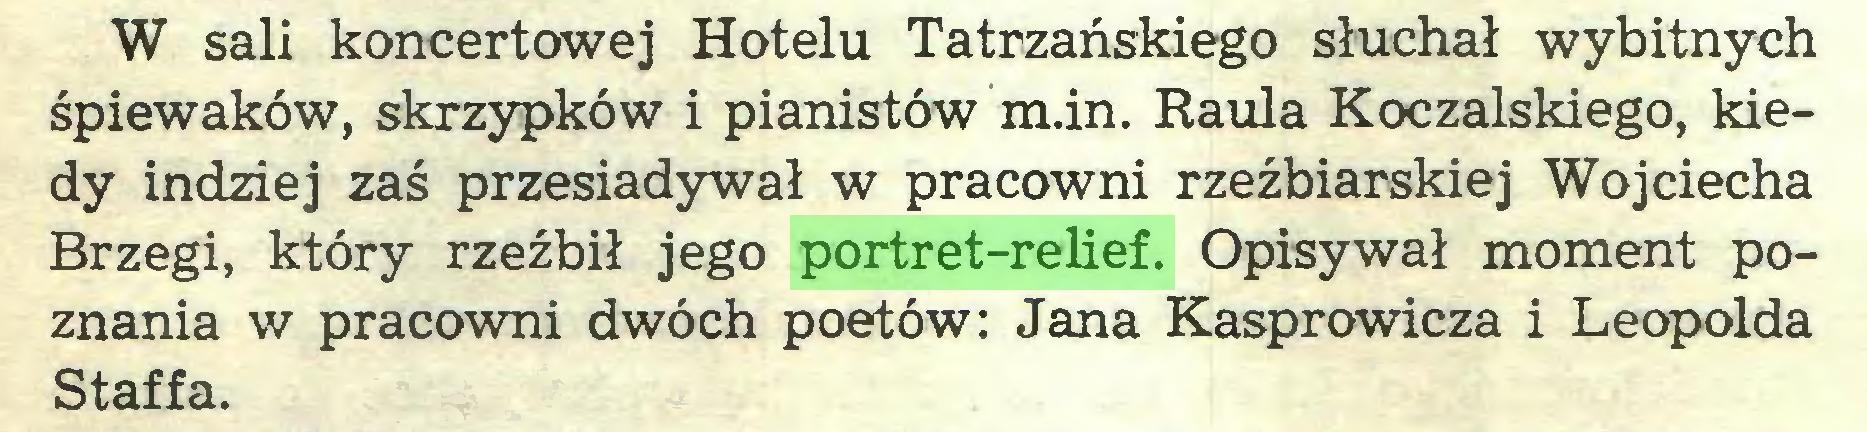 (...) W sali koncertowej Hotelu Tatrzańskiego słuchał wybitnych śpiewaków, skrzypków i pianistów m.in. Raula Koczalskiego, kiedy indziej zaś przesiadywał w pracowni rzeźbiarskiej Wojciecha Brzegi, który rzeźbił jego portret-relief. Opisywał moment poznania w pracowni dwóch poetów: Jana Kasprowicza i Leopolda Staffa...